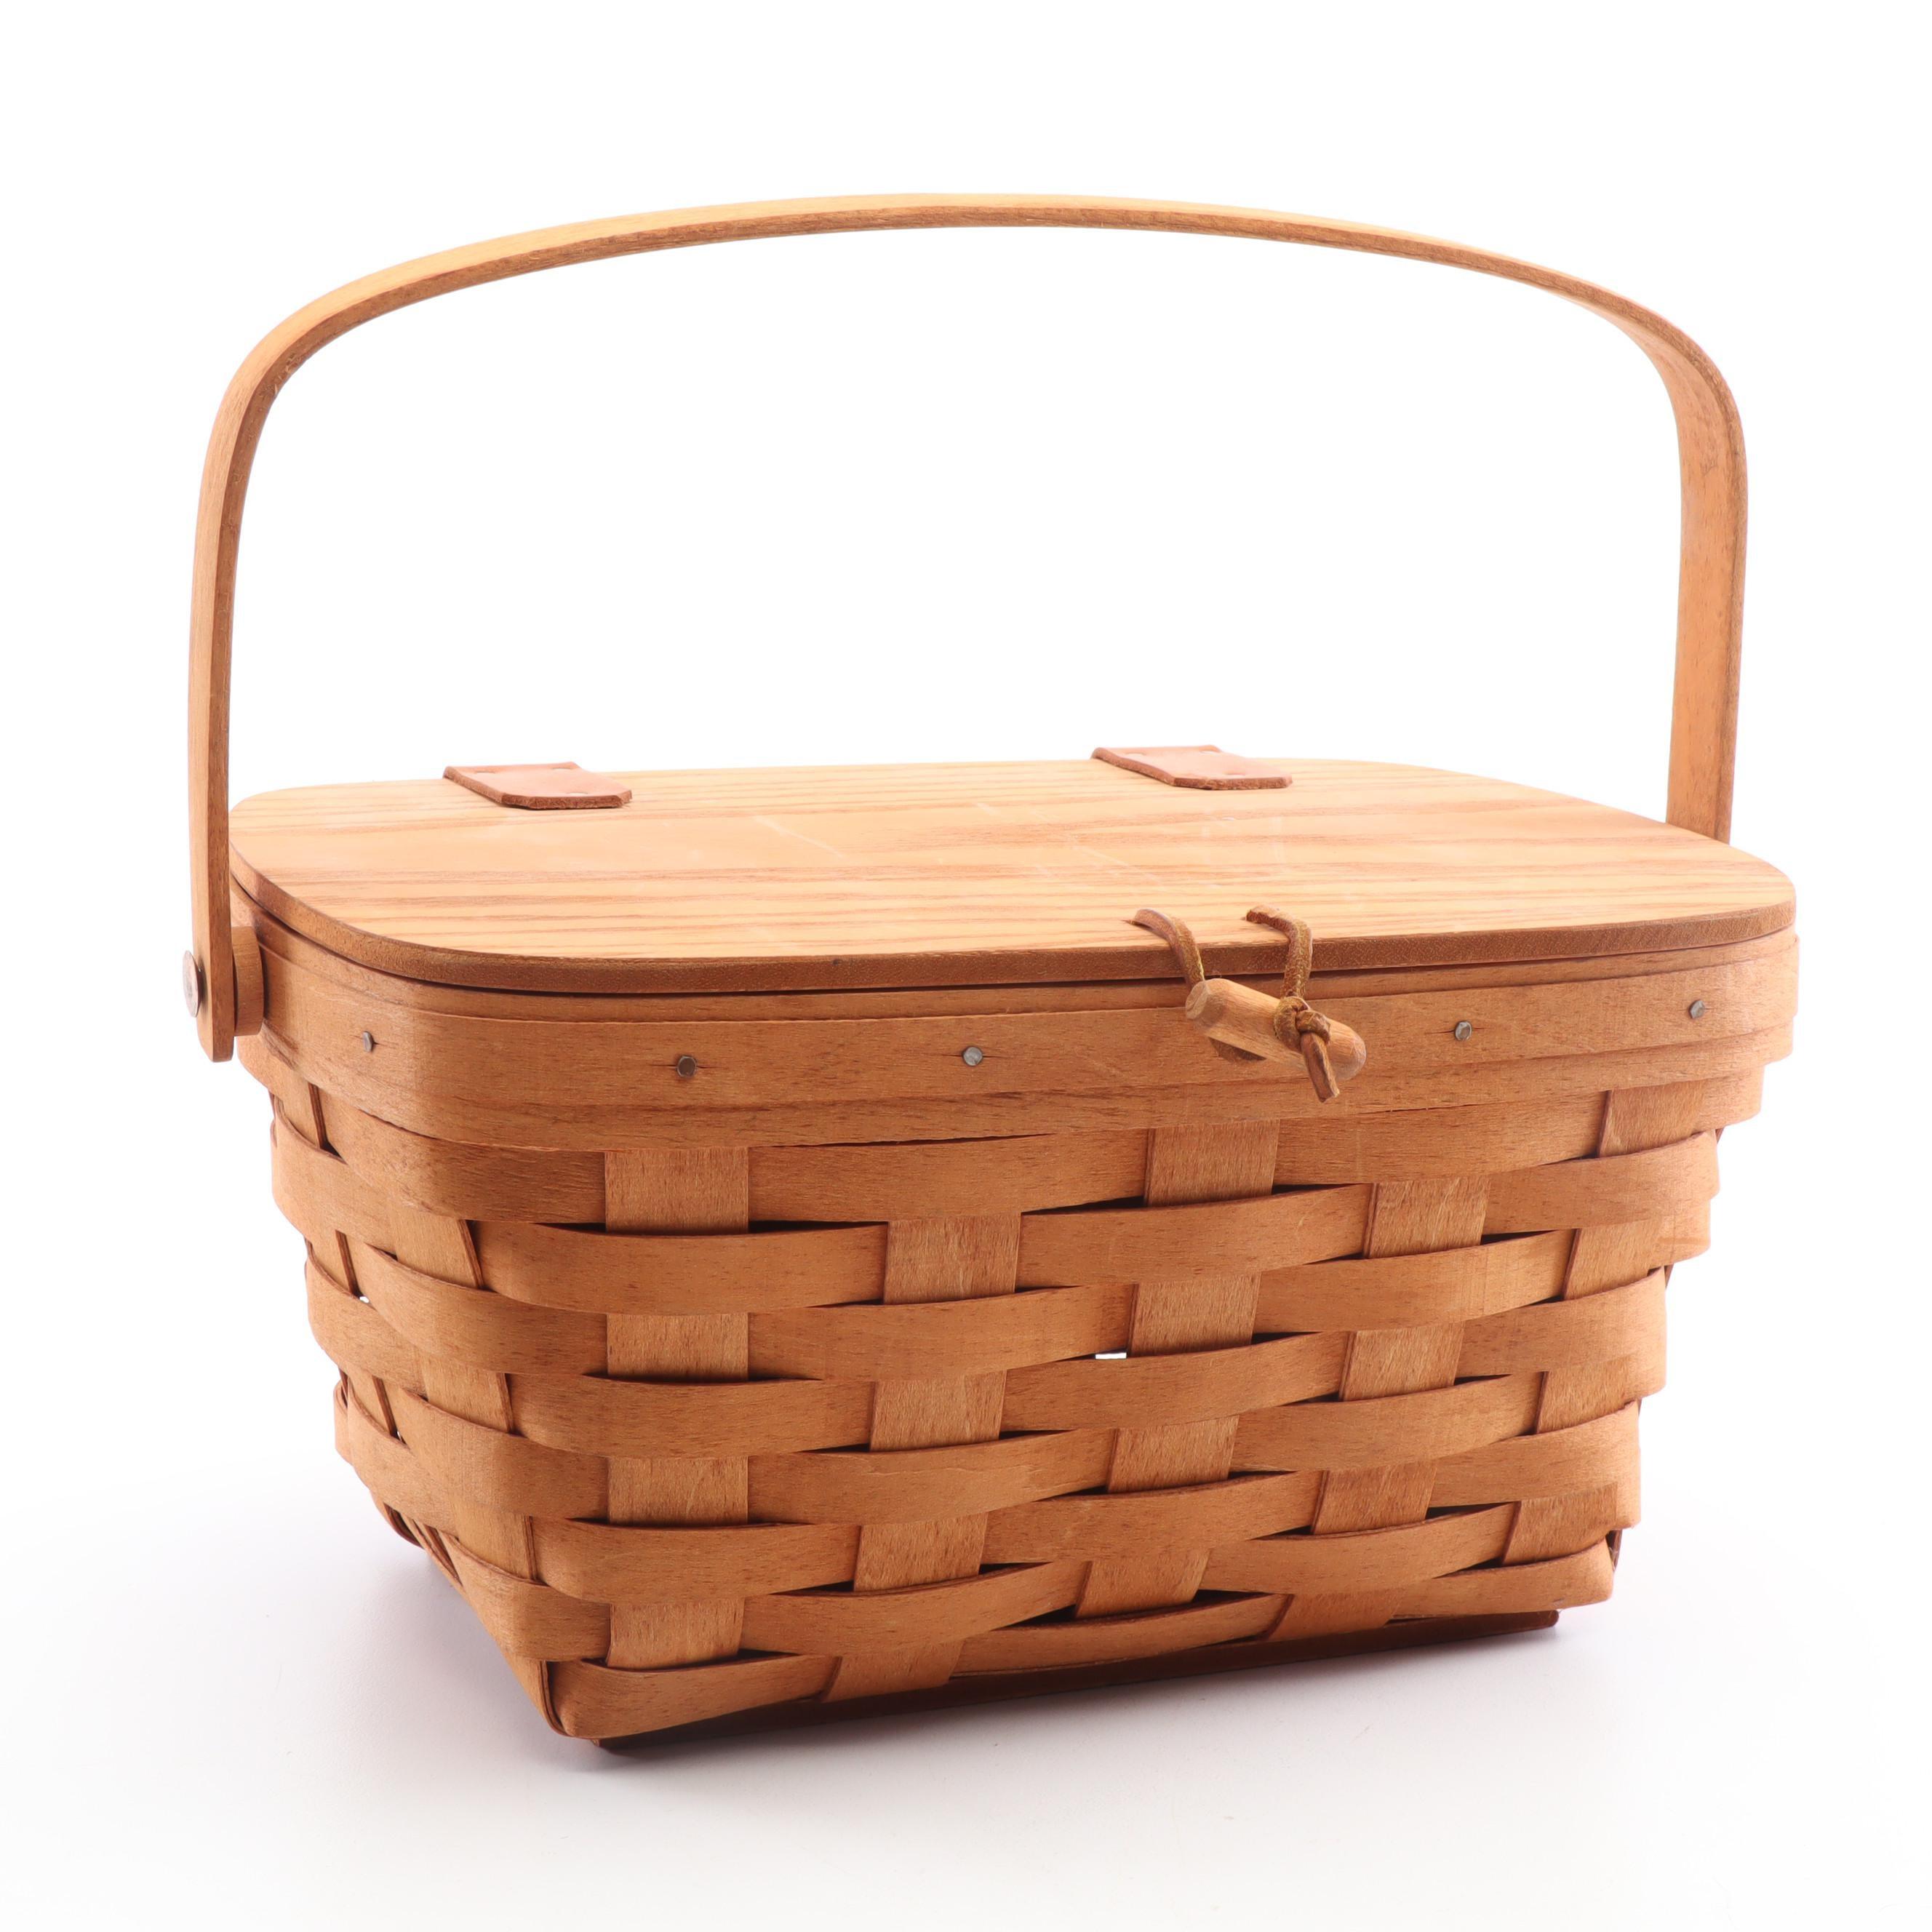 Longaberger Handwoven Handled Basket